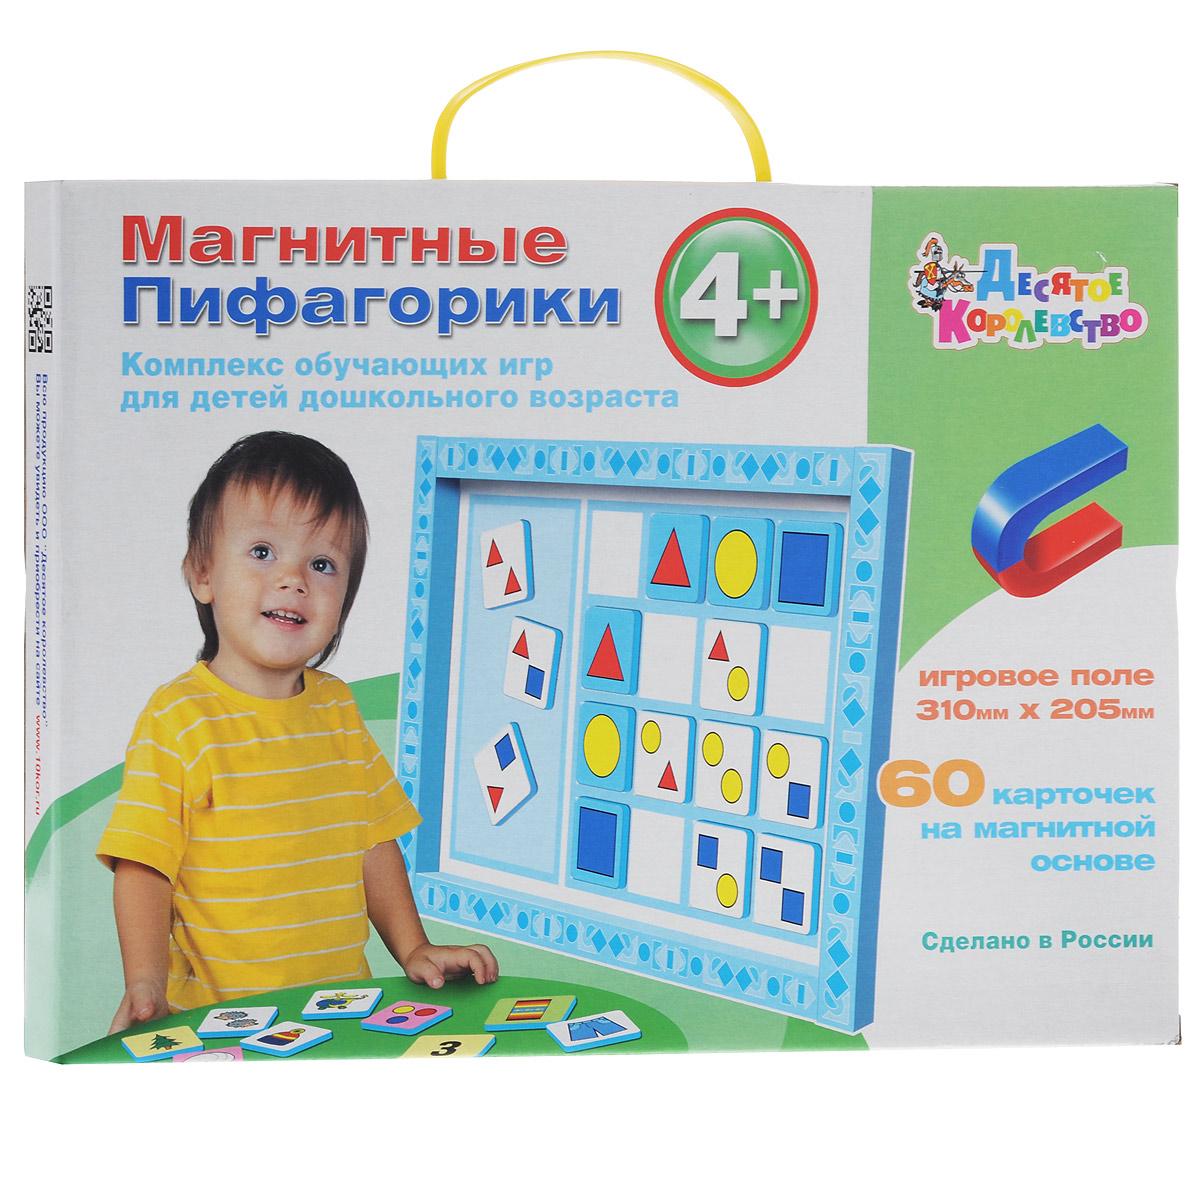 Набор обучающих карточек Десятое королевство Магнитные пифагорики №201497Набор обучающих карточек Десятое королевство Магнитные пифагорики №2 - это вторая ступень уникальной развивающей игры Пифагорики, предназначенная для детей дошкольного возраста. Комплект включает в себя игровое поле, 60 магнитных карточек из мягкого вспененного полимера и подробную инструкцию на русском языке. Карточки оформлены красочными изображениями. Набор совместим с другими наборами карточек Магнитные пифагорики. Благодаря этому набору, ребенок сможет познакомиться с цифрами, геометрическими фигурами и цветами радуги. С помощью магнитных карточек ребенок научится считать, складывать и вычитать. Ребенок в наглядной форме научится объединять предметы по цвету или по форме, соотносить их между собой, находить сходства и различия. Игра с таким набором - это хорошая подготовка к восприятию школьных знаний. Регулярные домашние занятия с Пифагориками помогут детям понять и запомнить более сложный материал, например, теорию групп или таблицу умножения....